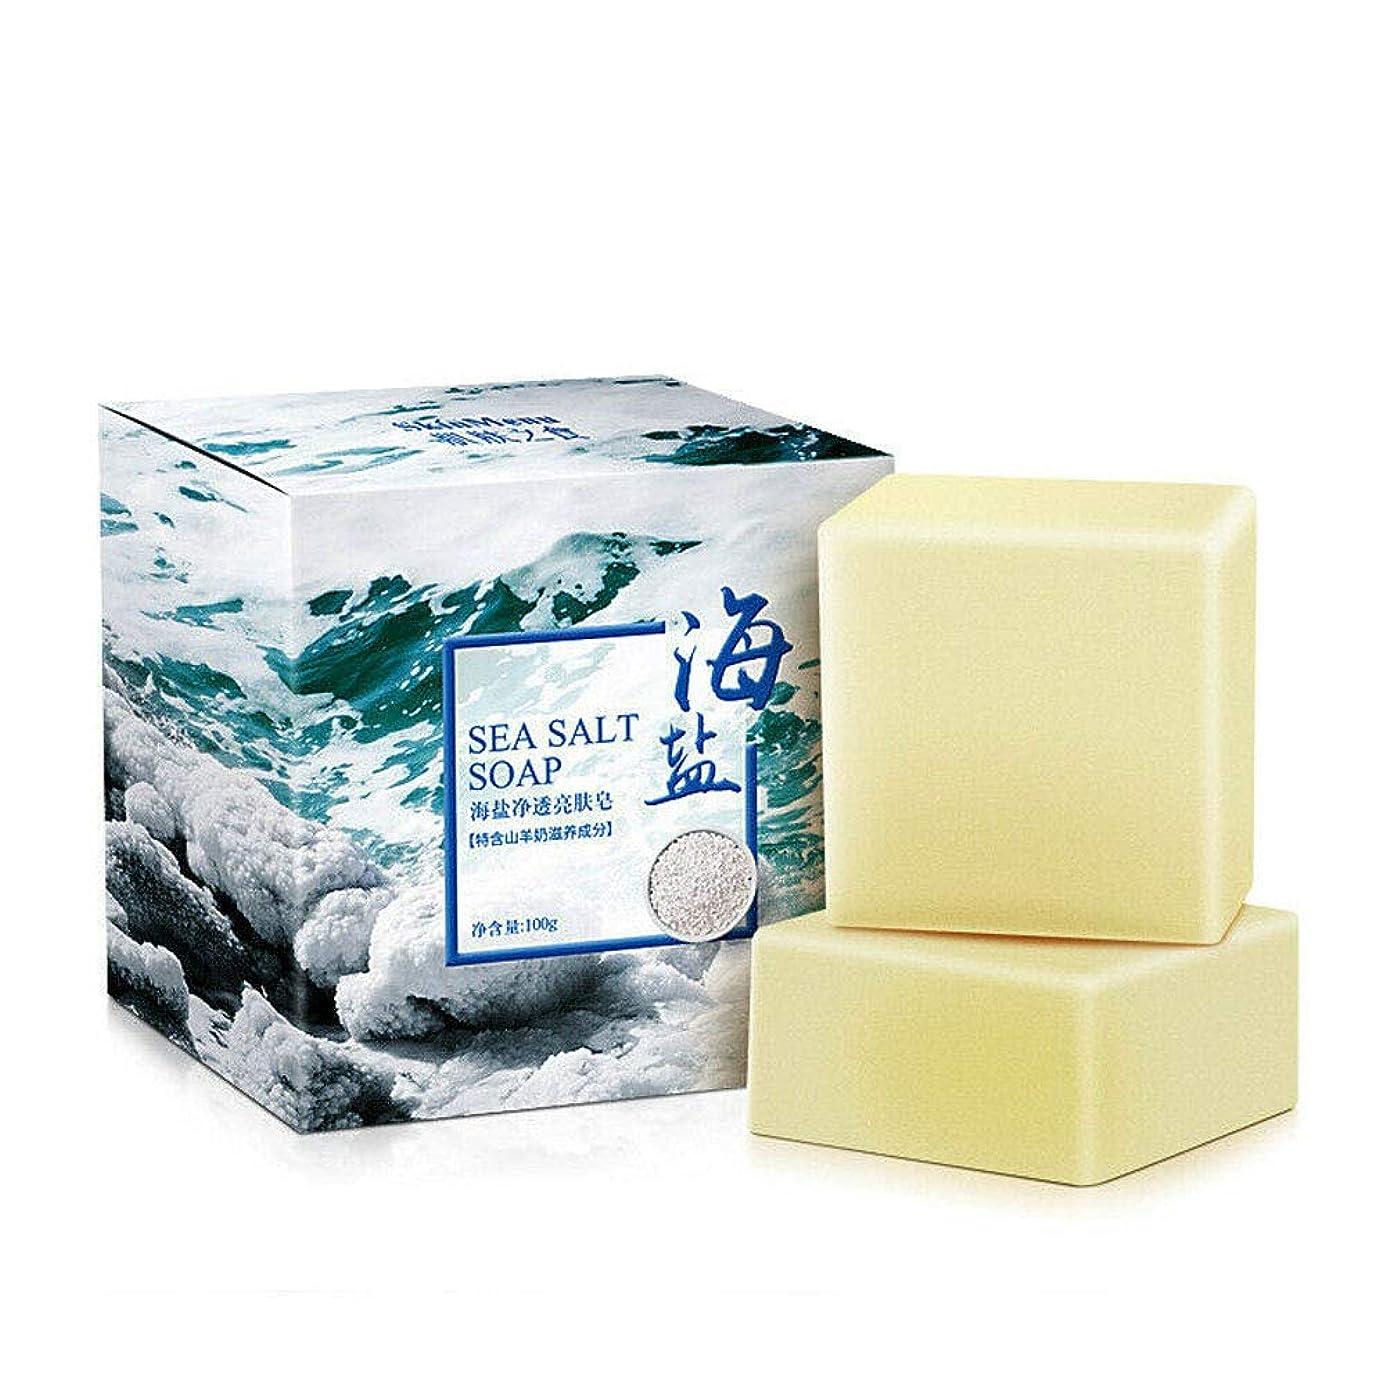 酸郵便屋さん葉を集めるせっけん 石鹸 海塩 山羊乳 洗顔 ボディ用 浴用せっけん しっとり肌 植物性 無添加 白い 100g×1個入 (#2)